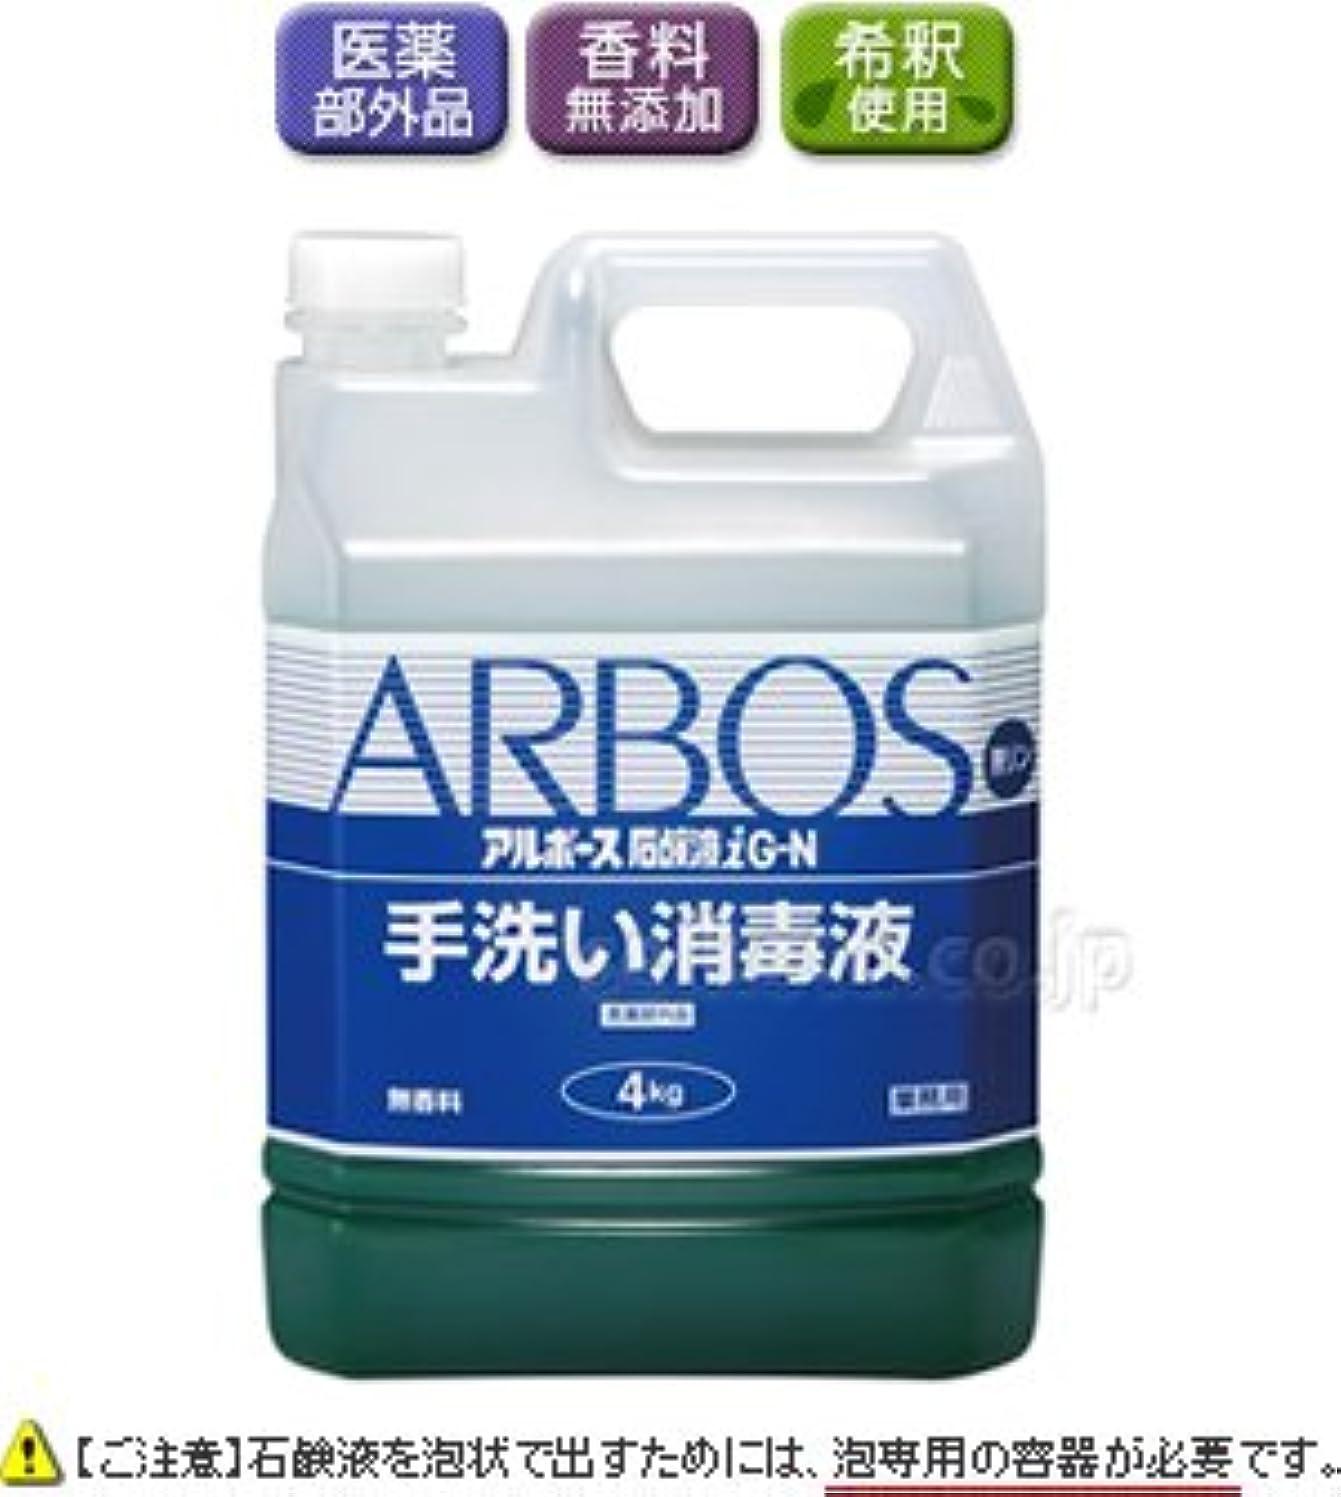 スーダンガス奇跡的な【清潔キレイ館】アルボース石鹸液iG-N(4kg×1本)